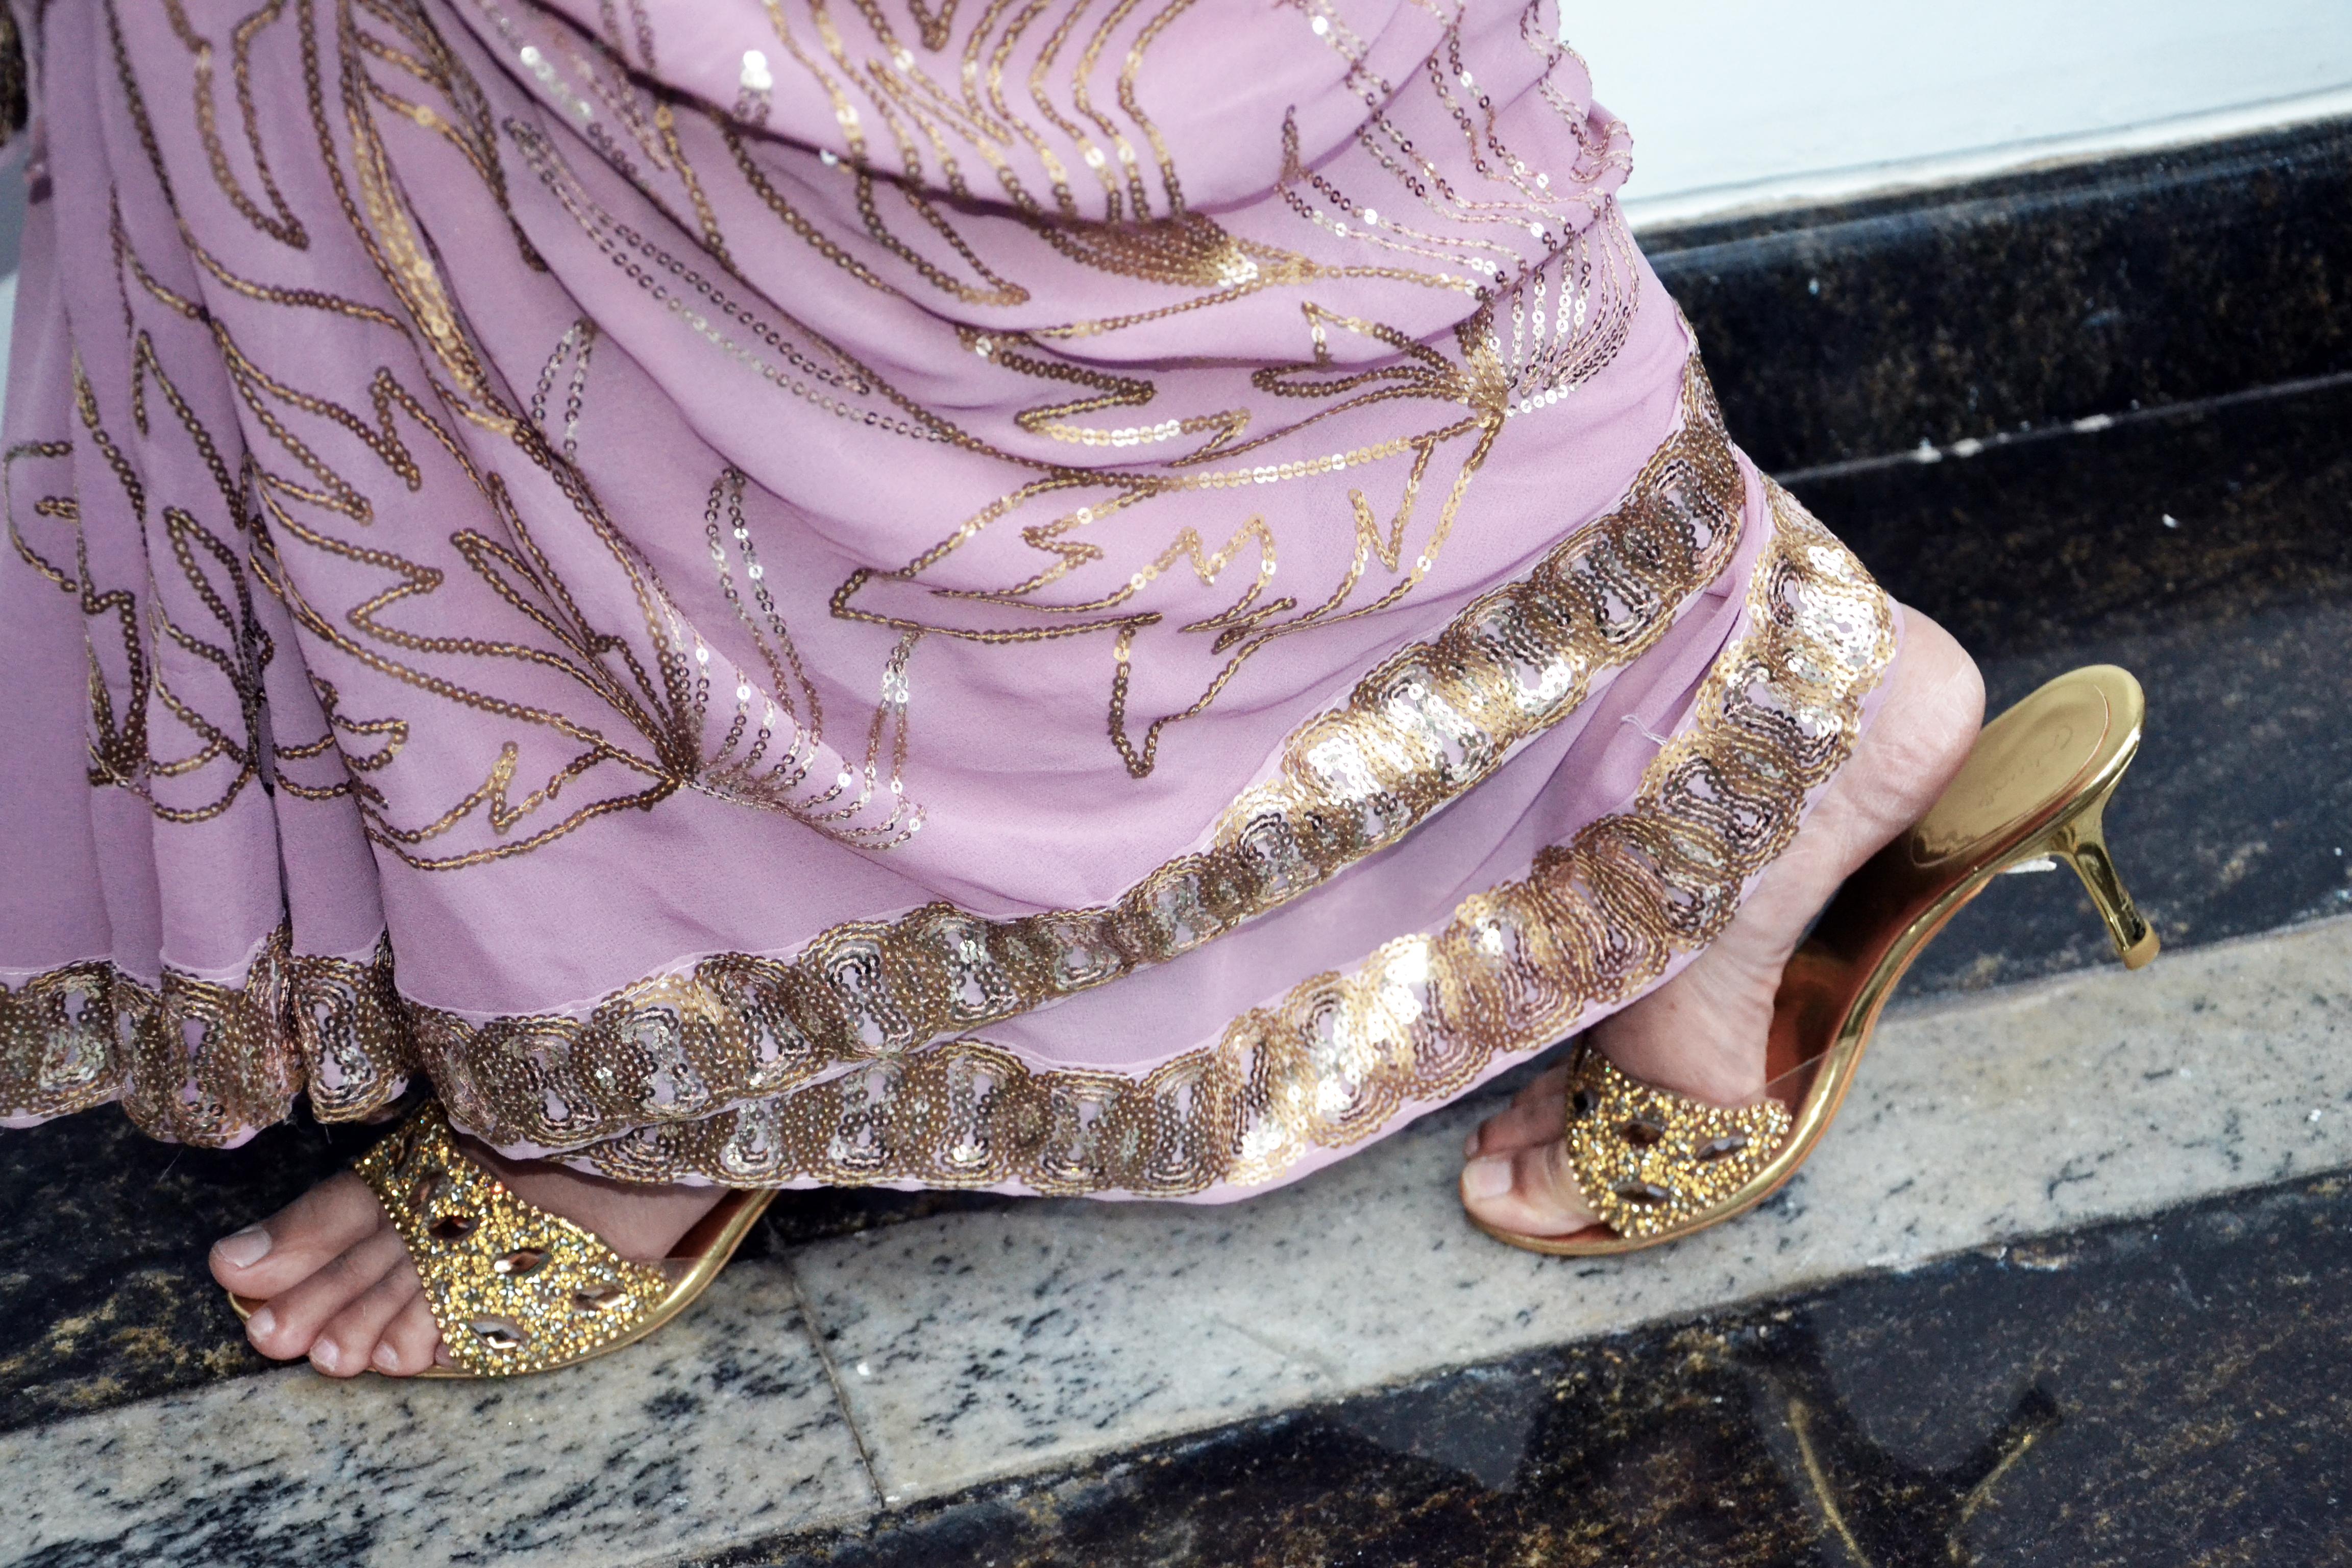 sari - indian wear - gold shoes